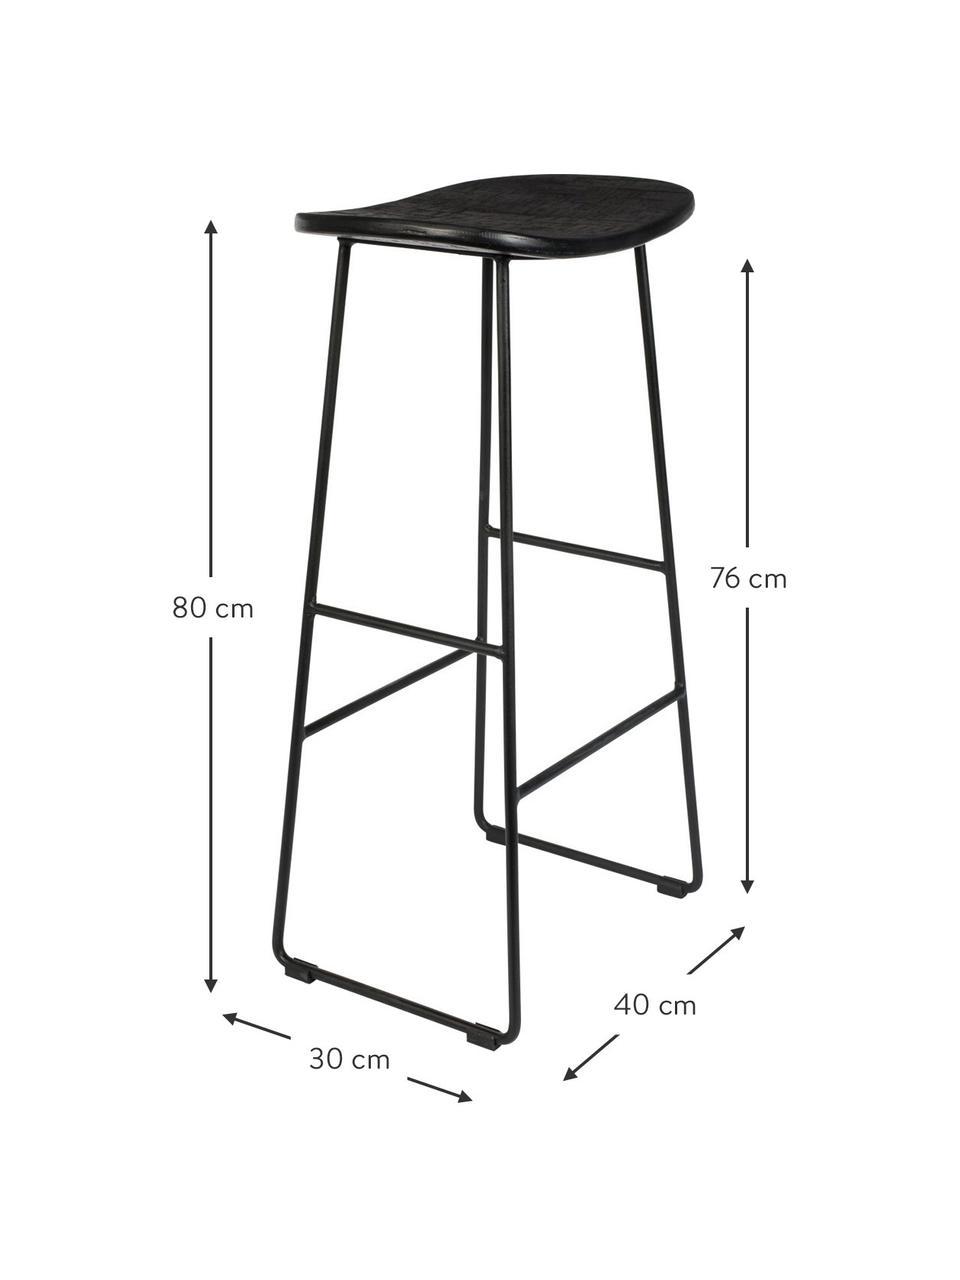 Barhocker Tangle in Schwarz, Sitzfläche: Recyceltes Teakholz, lack, Beine: Metall, pulverbeschichtet, Schwarz, 40 x 80 cm